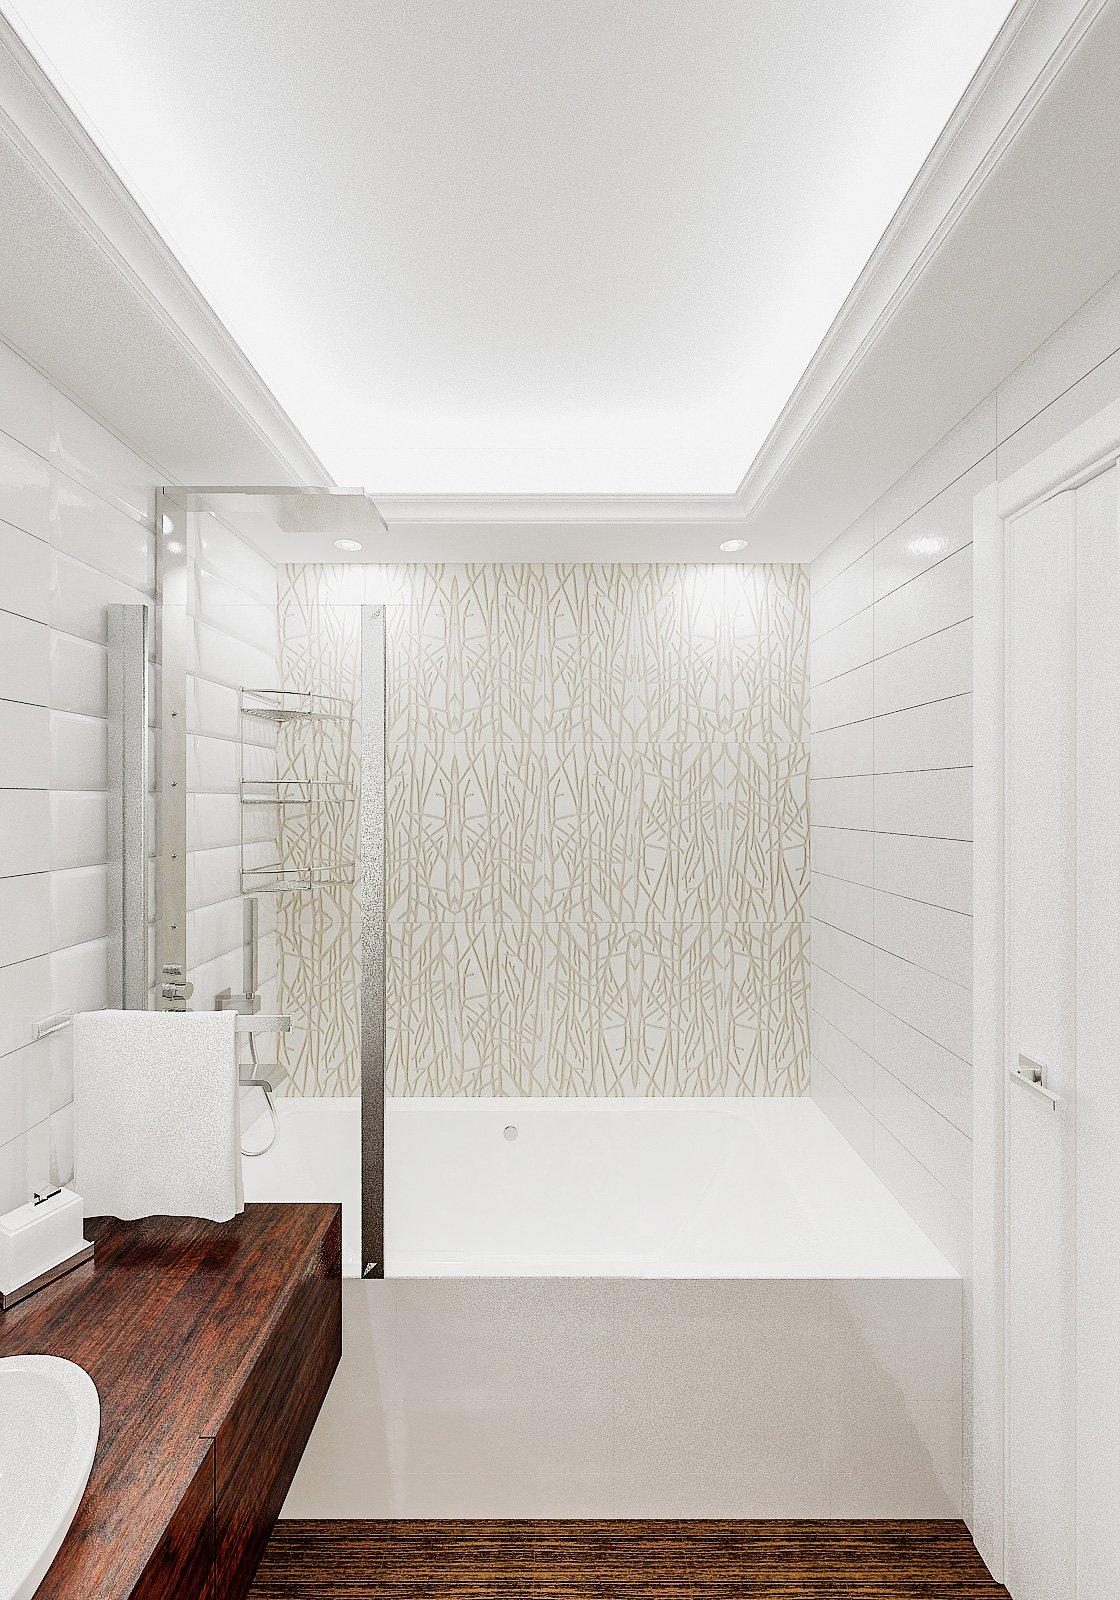 светлая ванная, плитка объемная, потолок с закарнизной подсветкой в ванной, Дизайн интерьера ванной в Гомеле 1